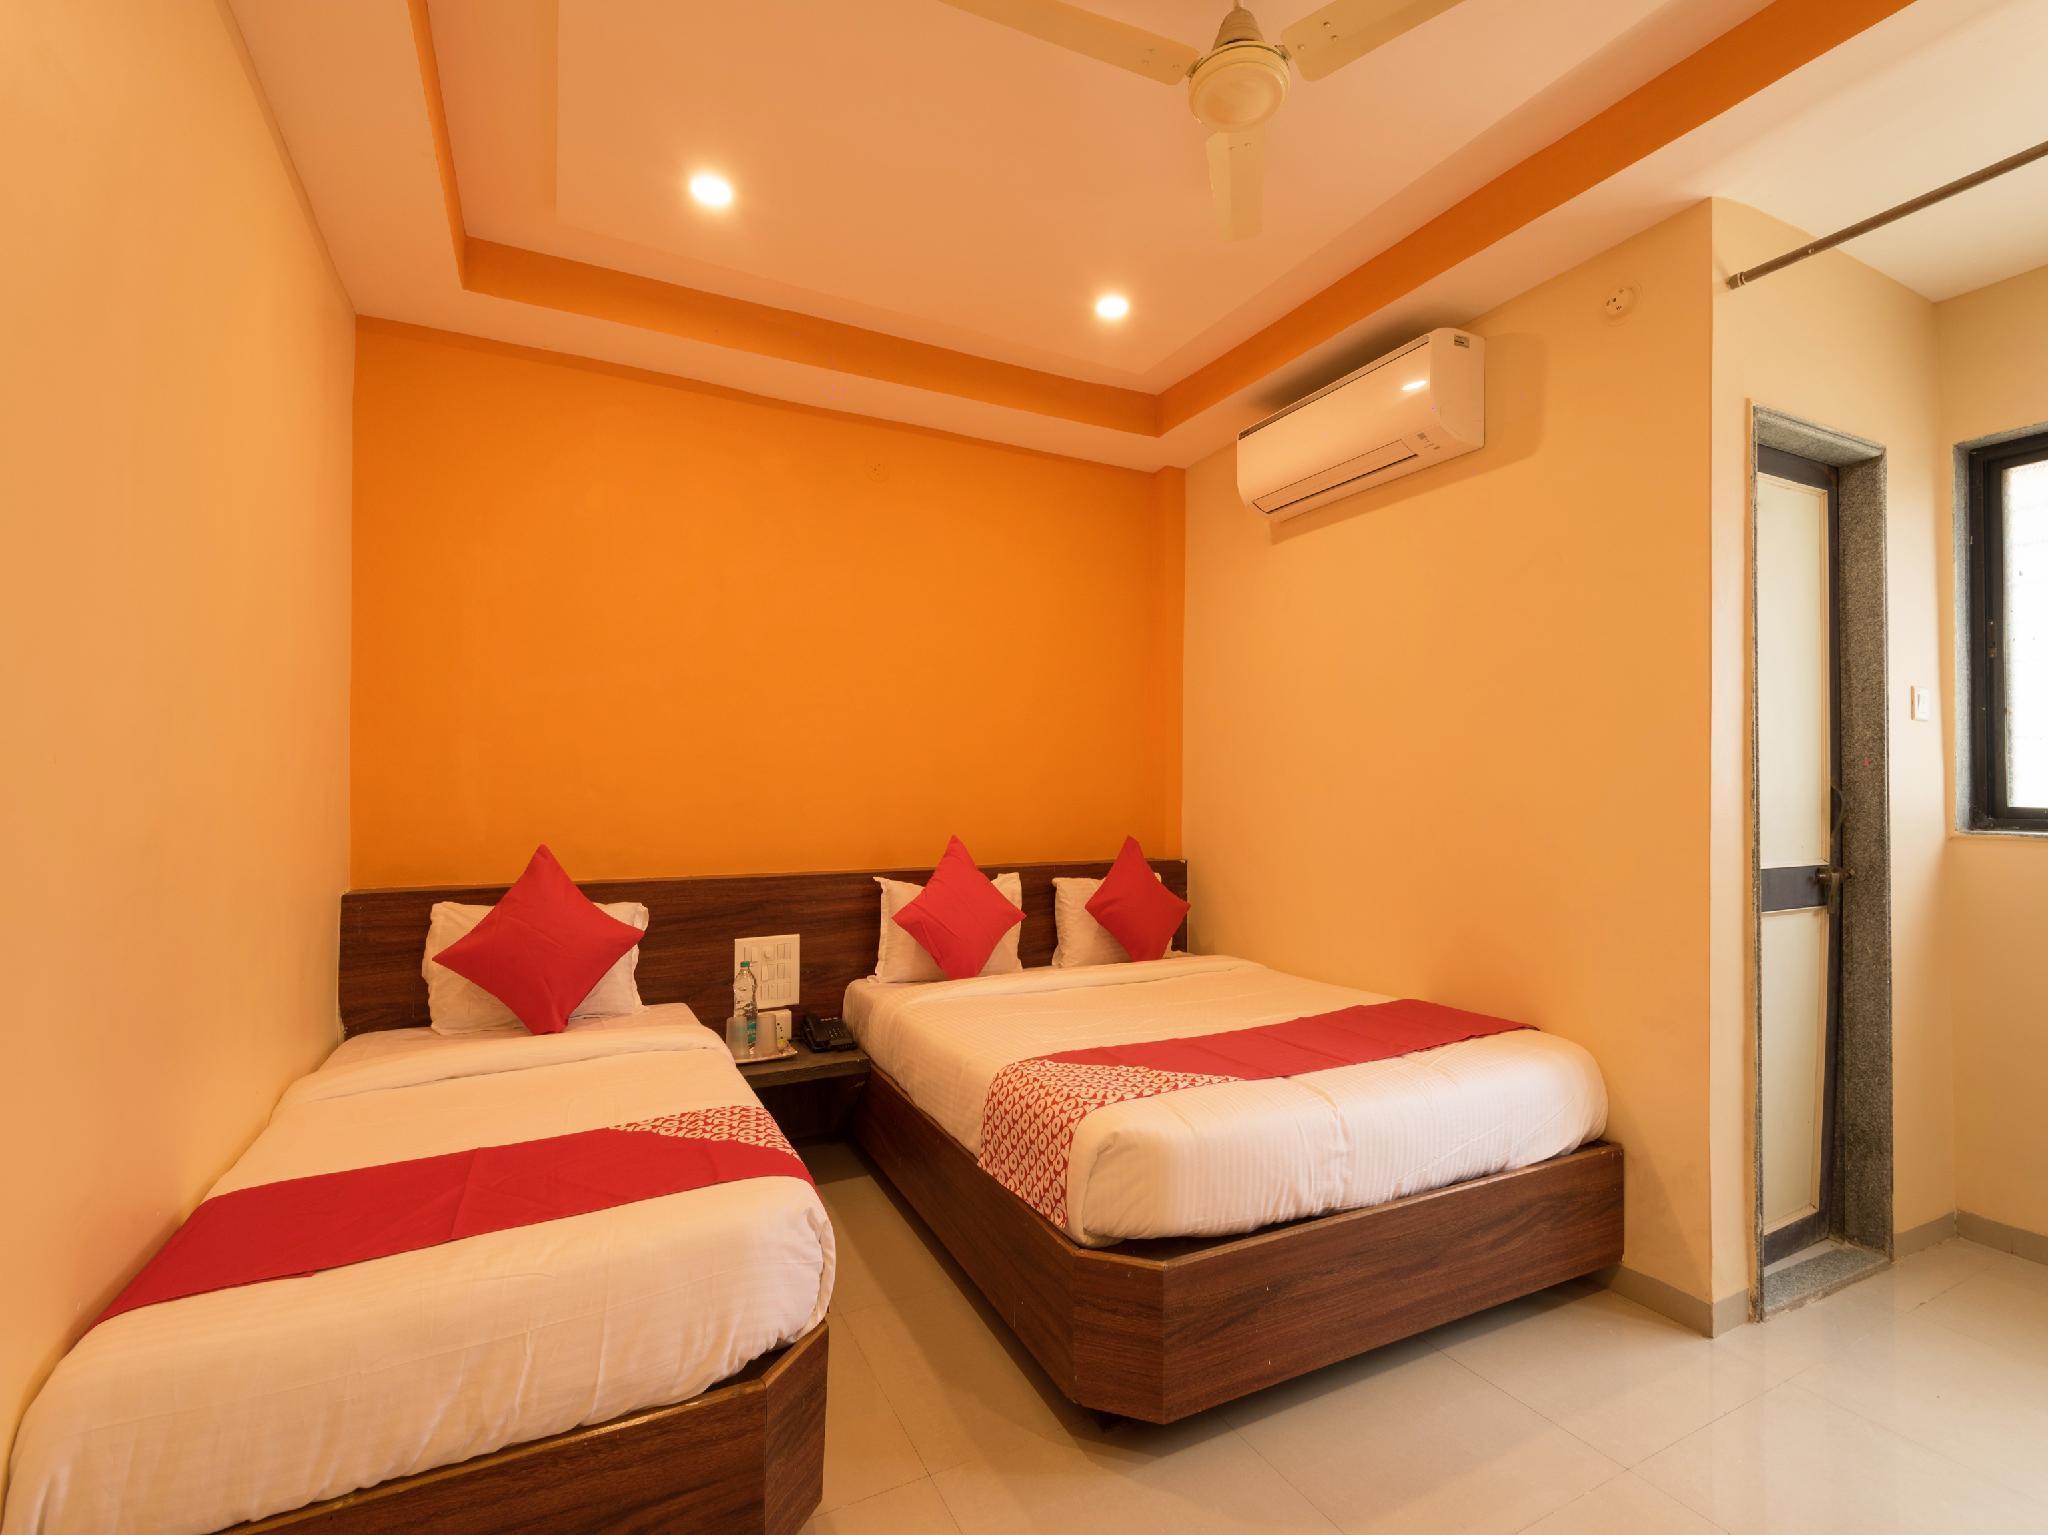 OYO 18489 Hotel Sai Parth